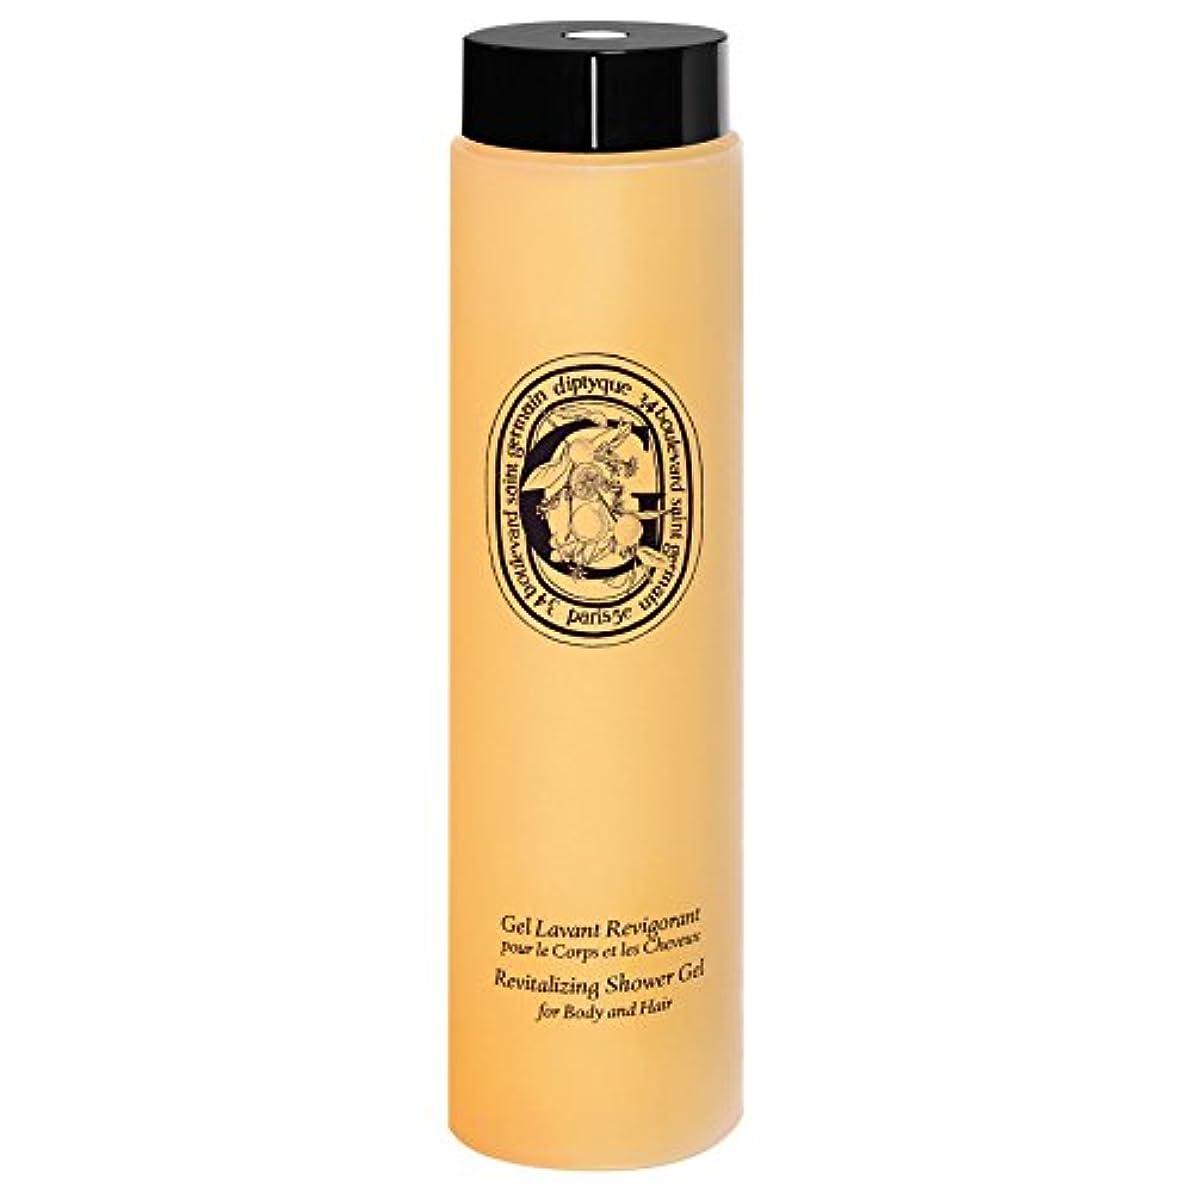 くそー物理的な聖歌[Diptyque] ボディ、ヘア200ミリリットルのためDiptyqueのリバイタライジングシャワージェル - Diptyque Revitalising Shower Gel For Body And Hair 200ml...